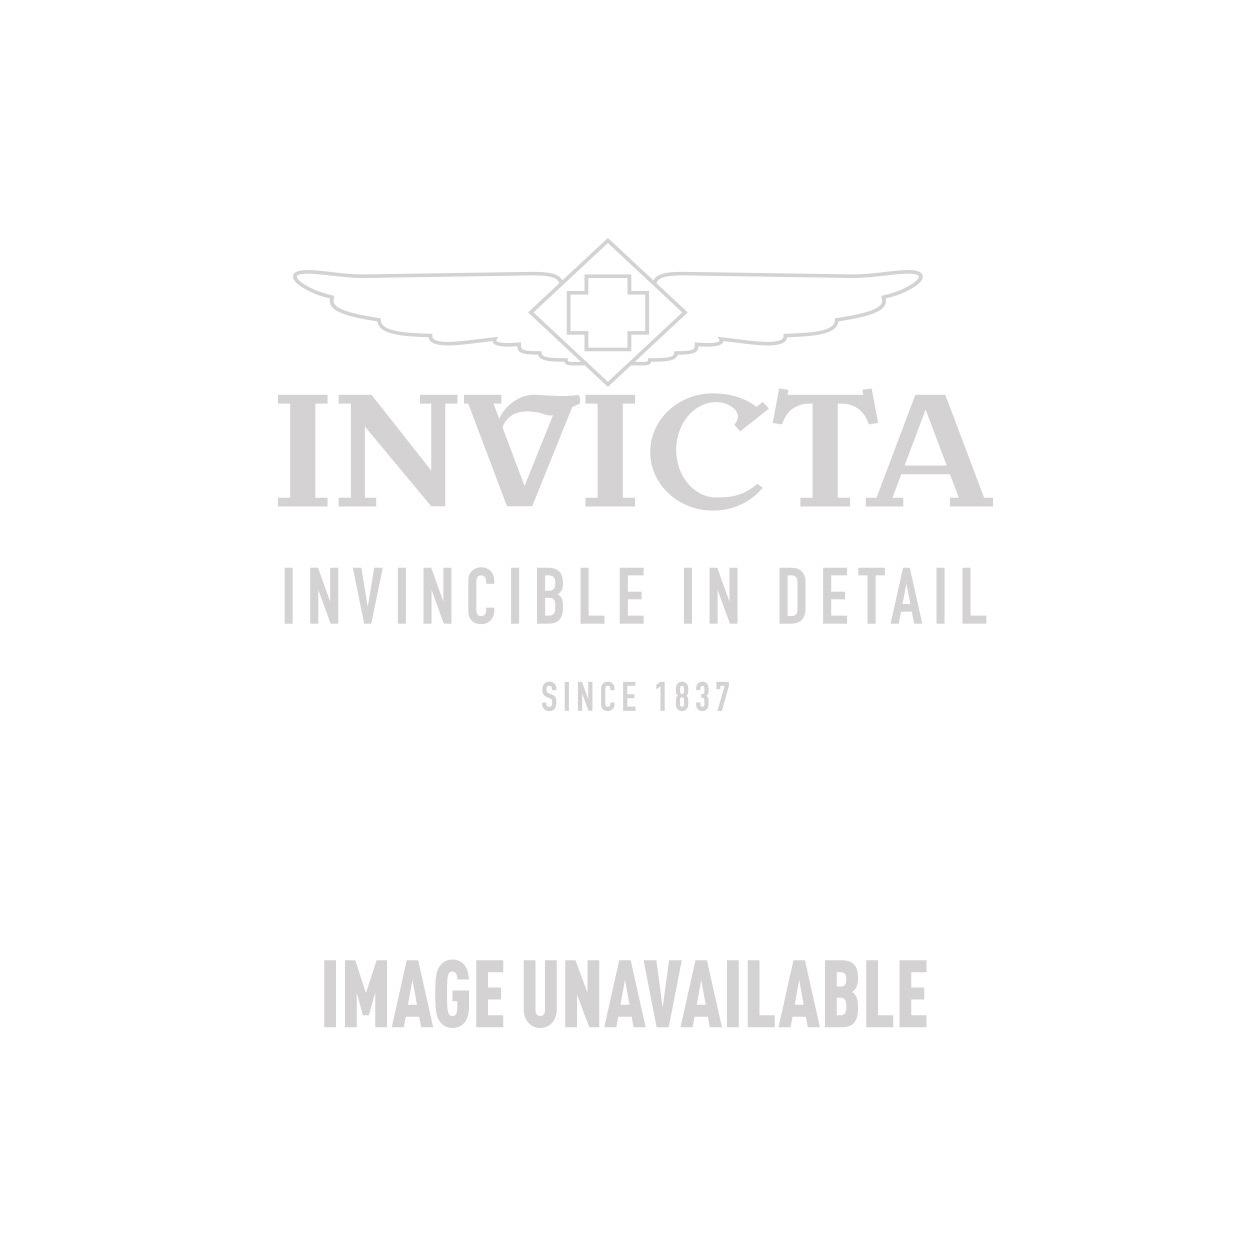 Invicta Venom  Quartz Watch - Stainless Steel case Stainless Steel band - Model 1539